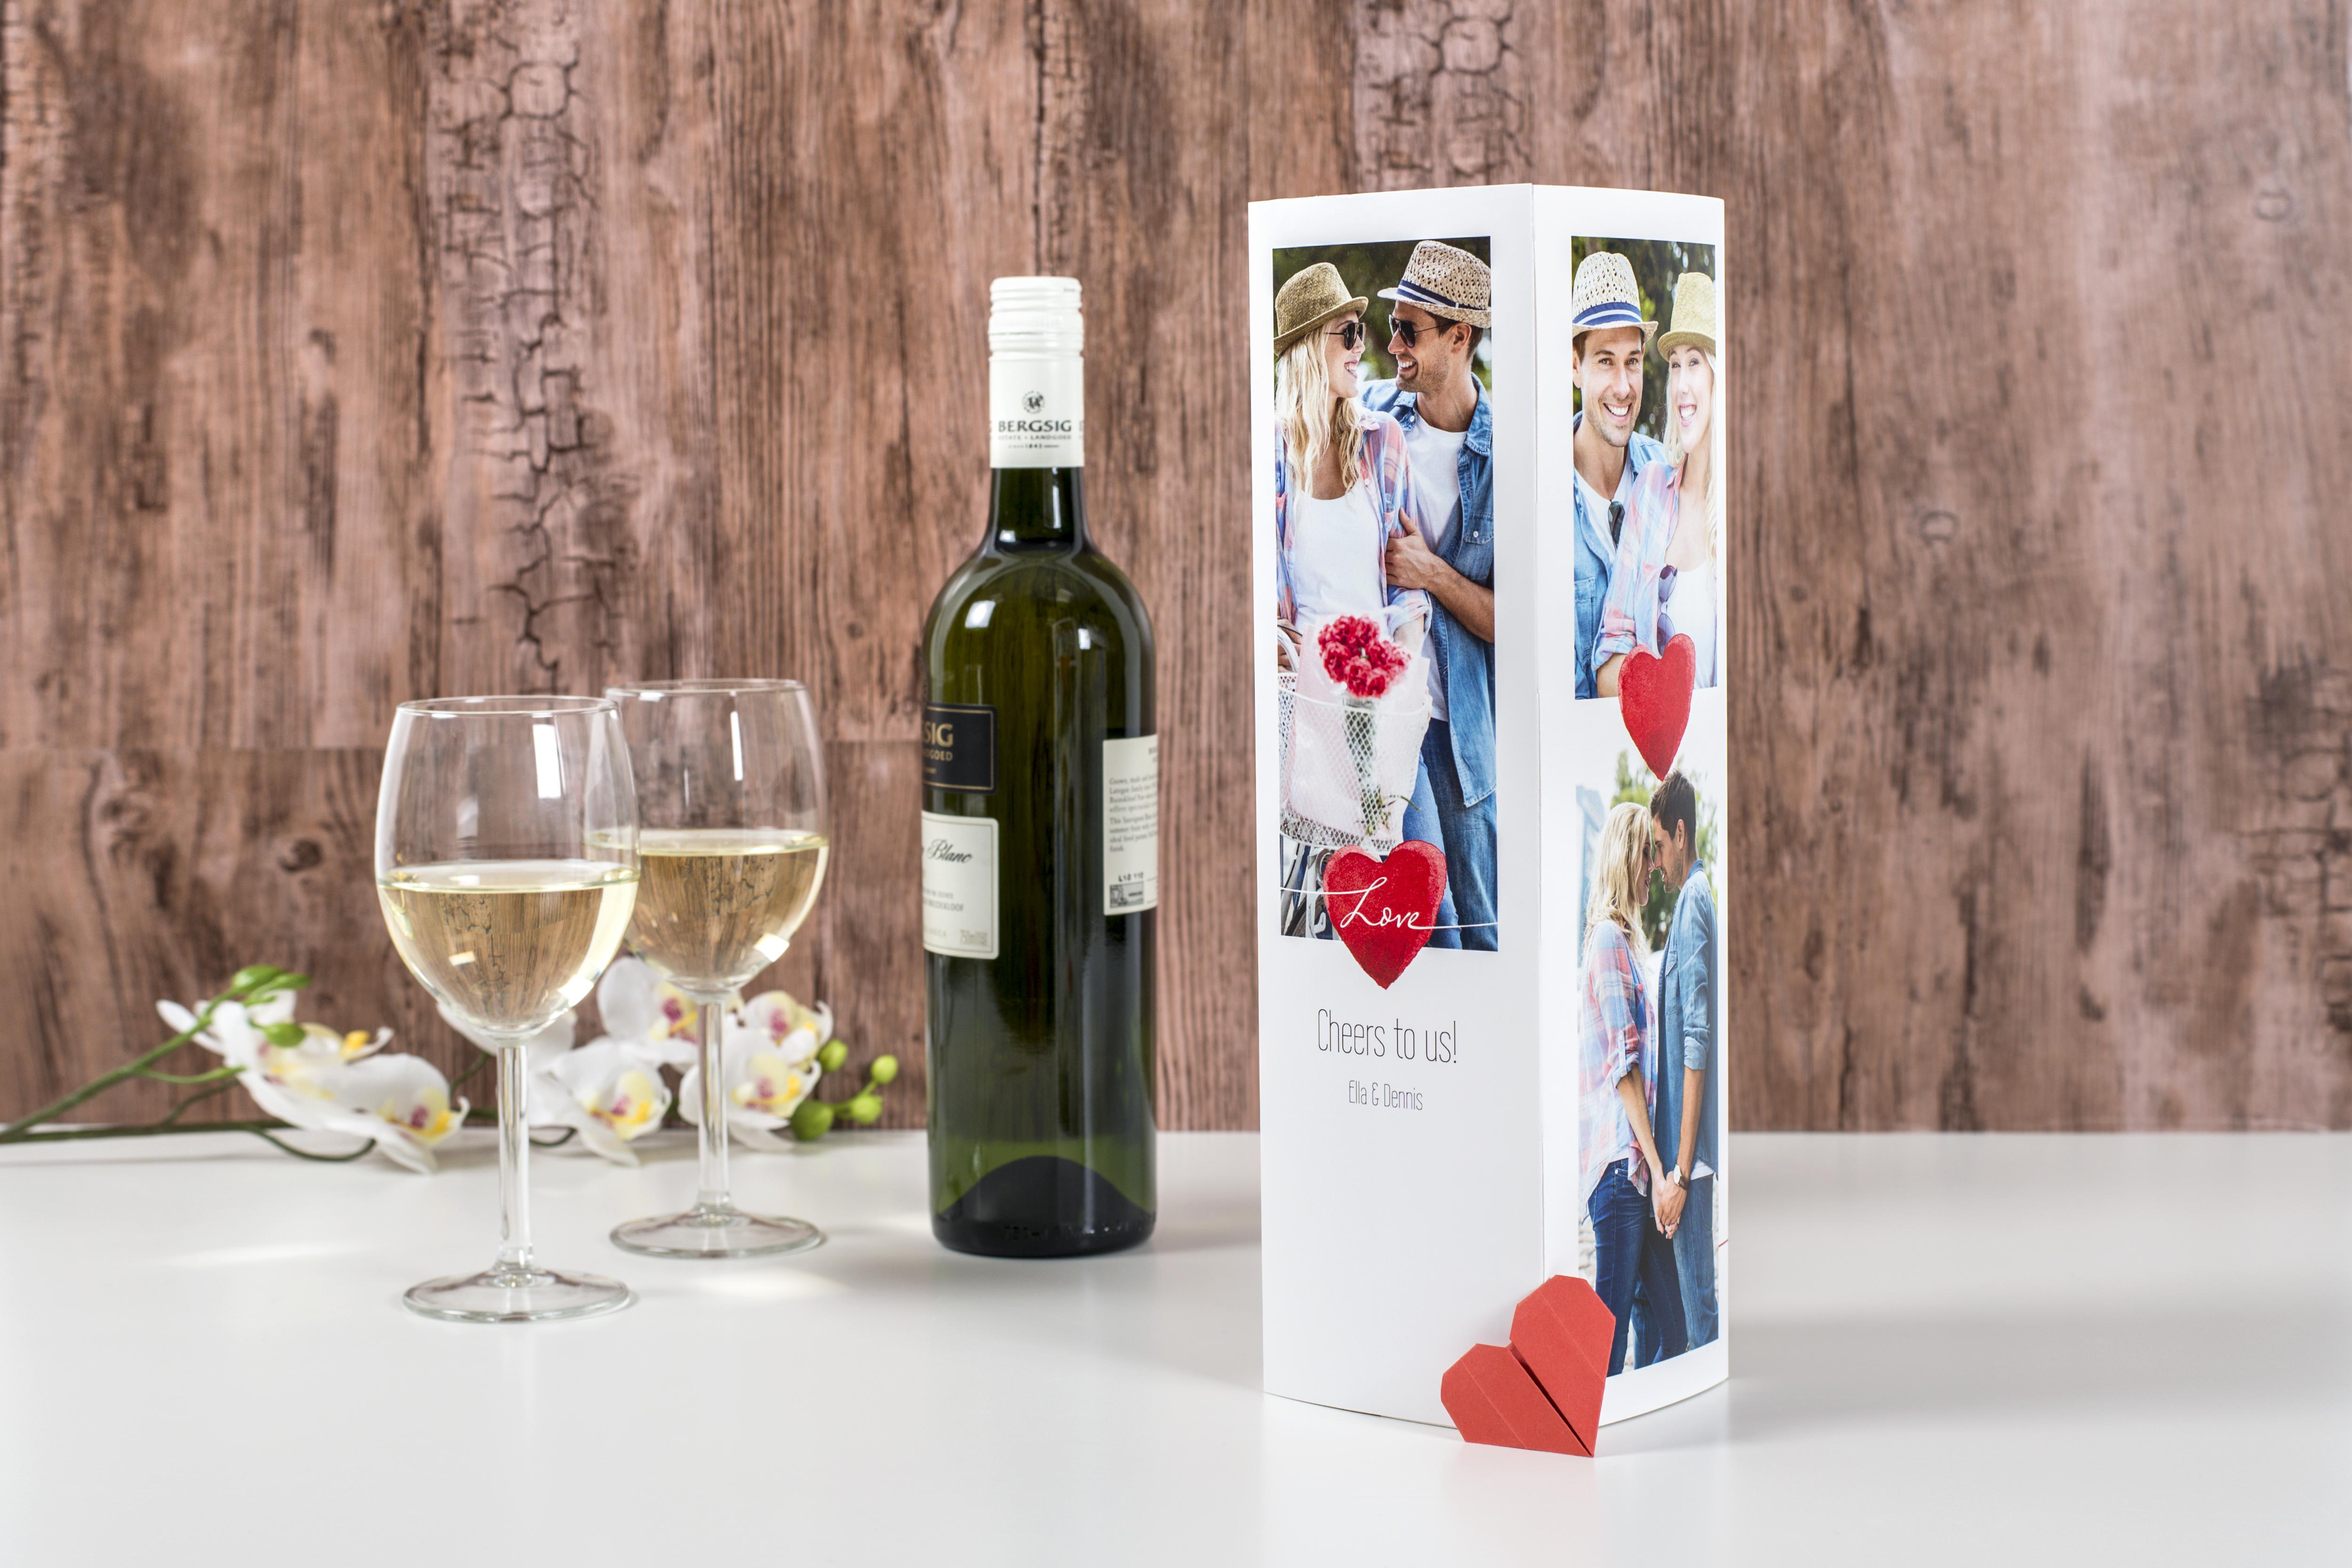 idee cadeau saint valentin homme personnalise boite bouteille de vin photo